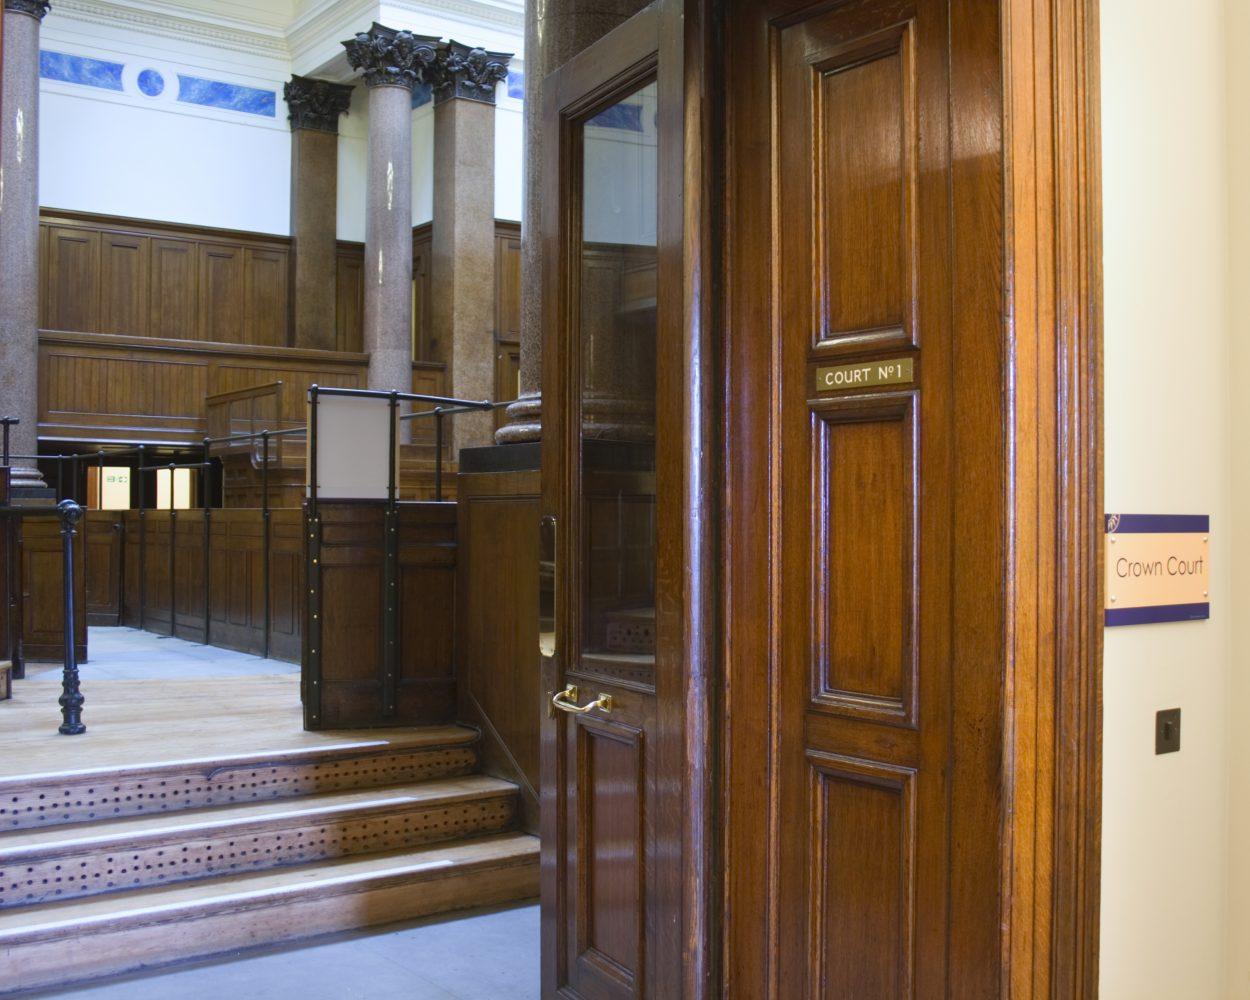 Crown court shutterstock_9769720